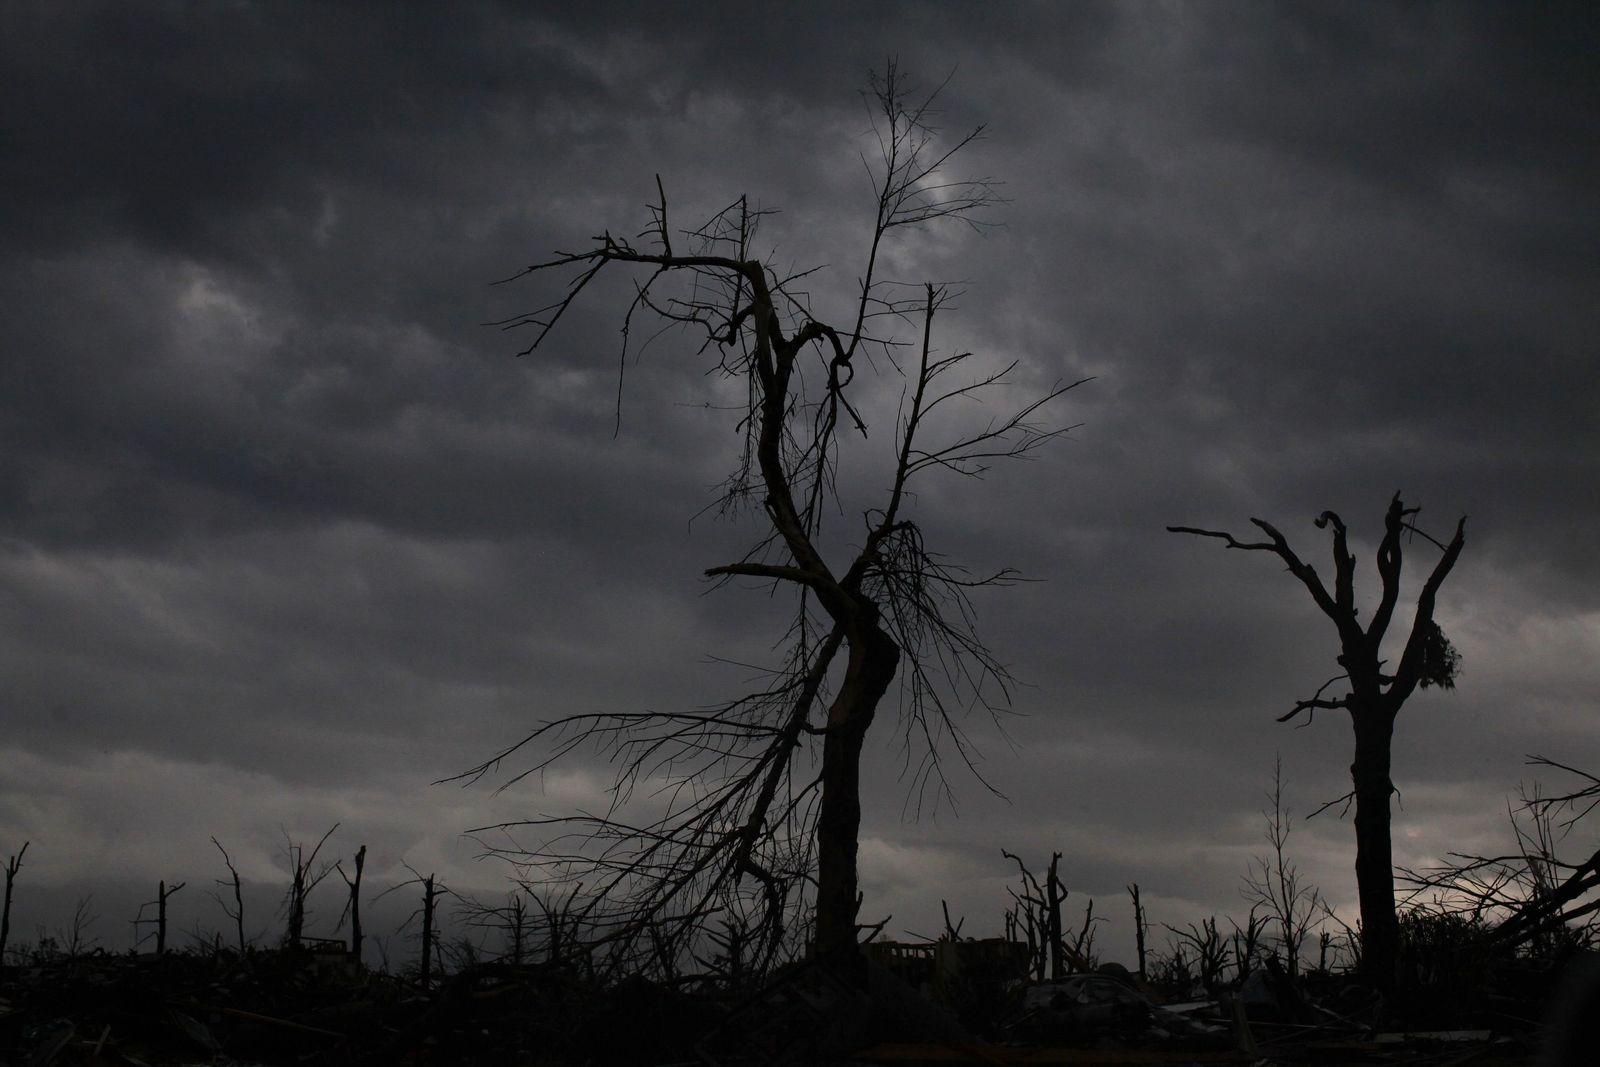 Tonado / Joplin / Apokalypse